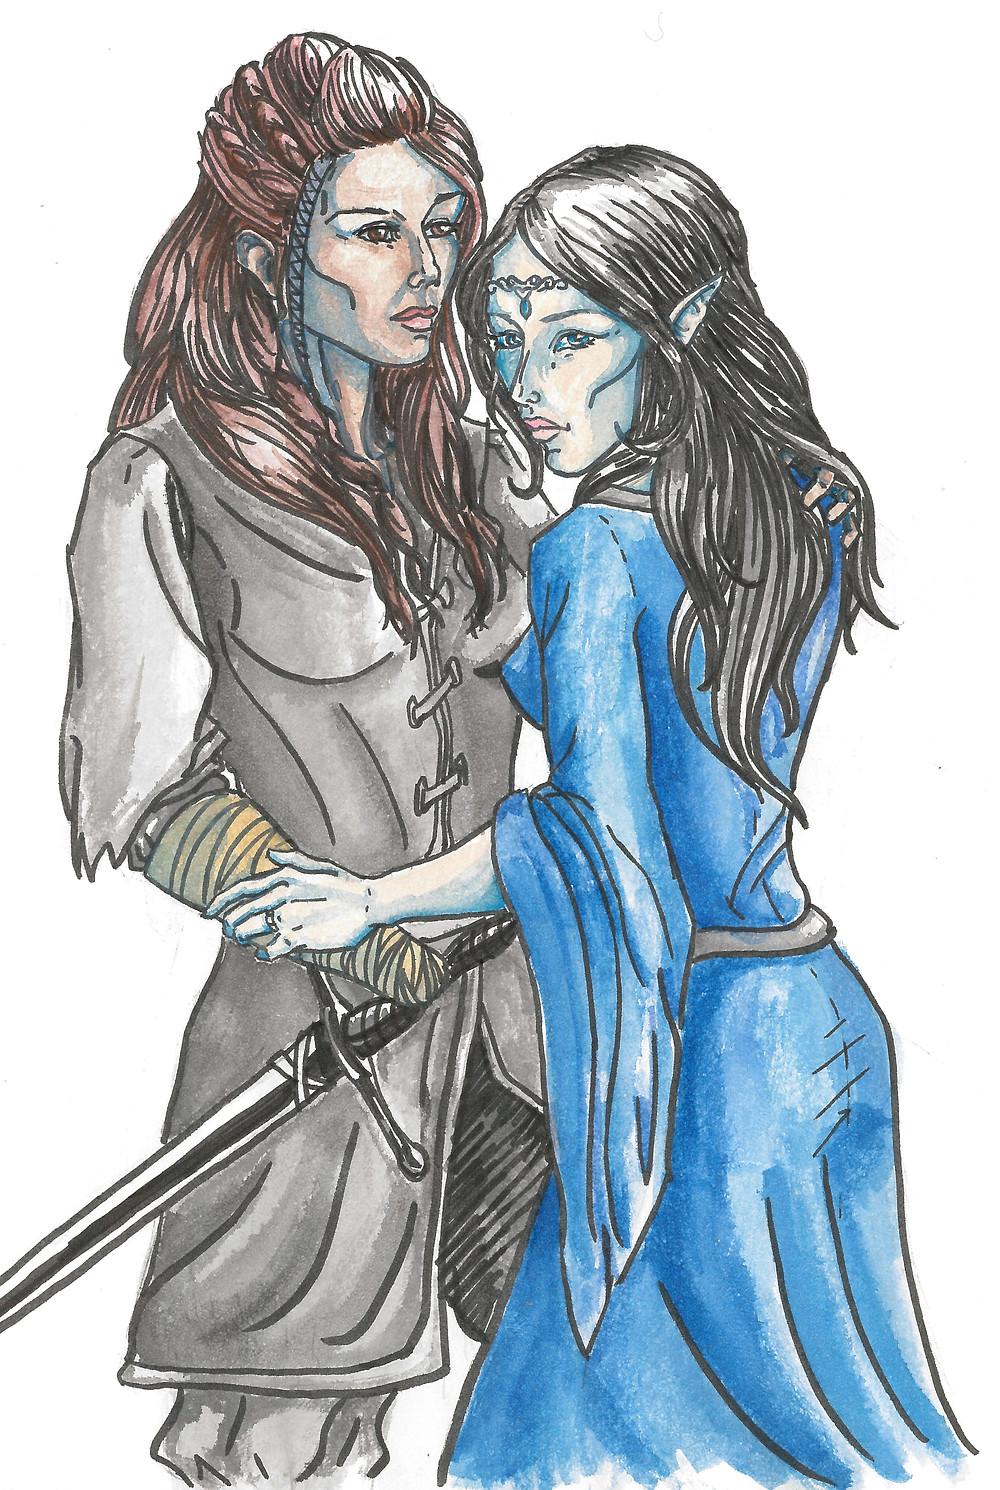 Luthien and gender bend Beren